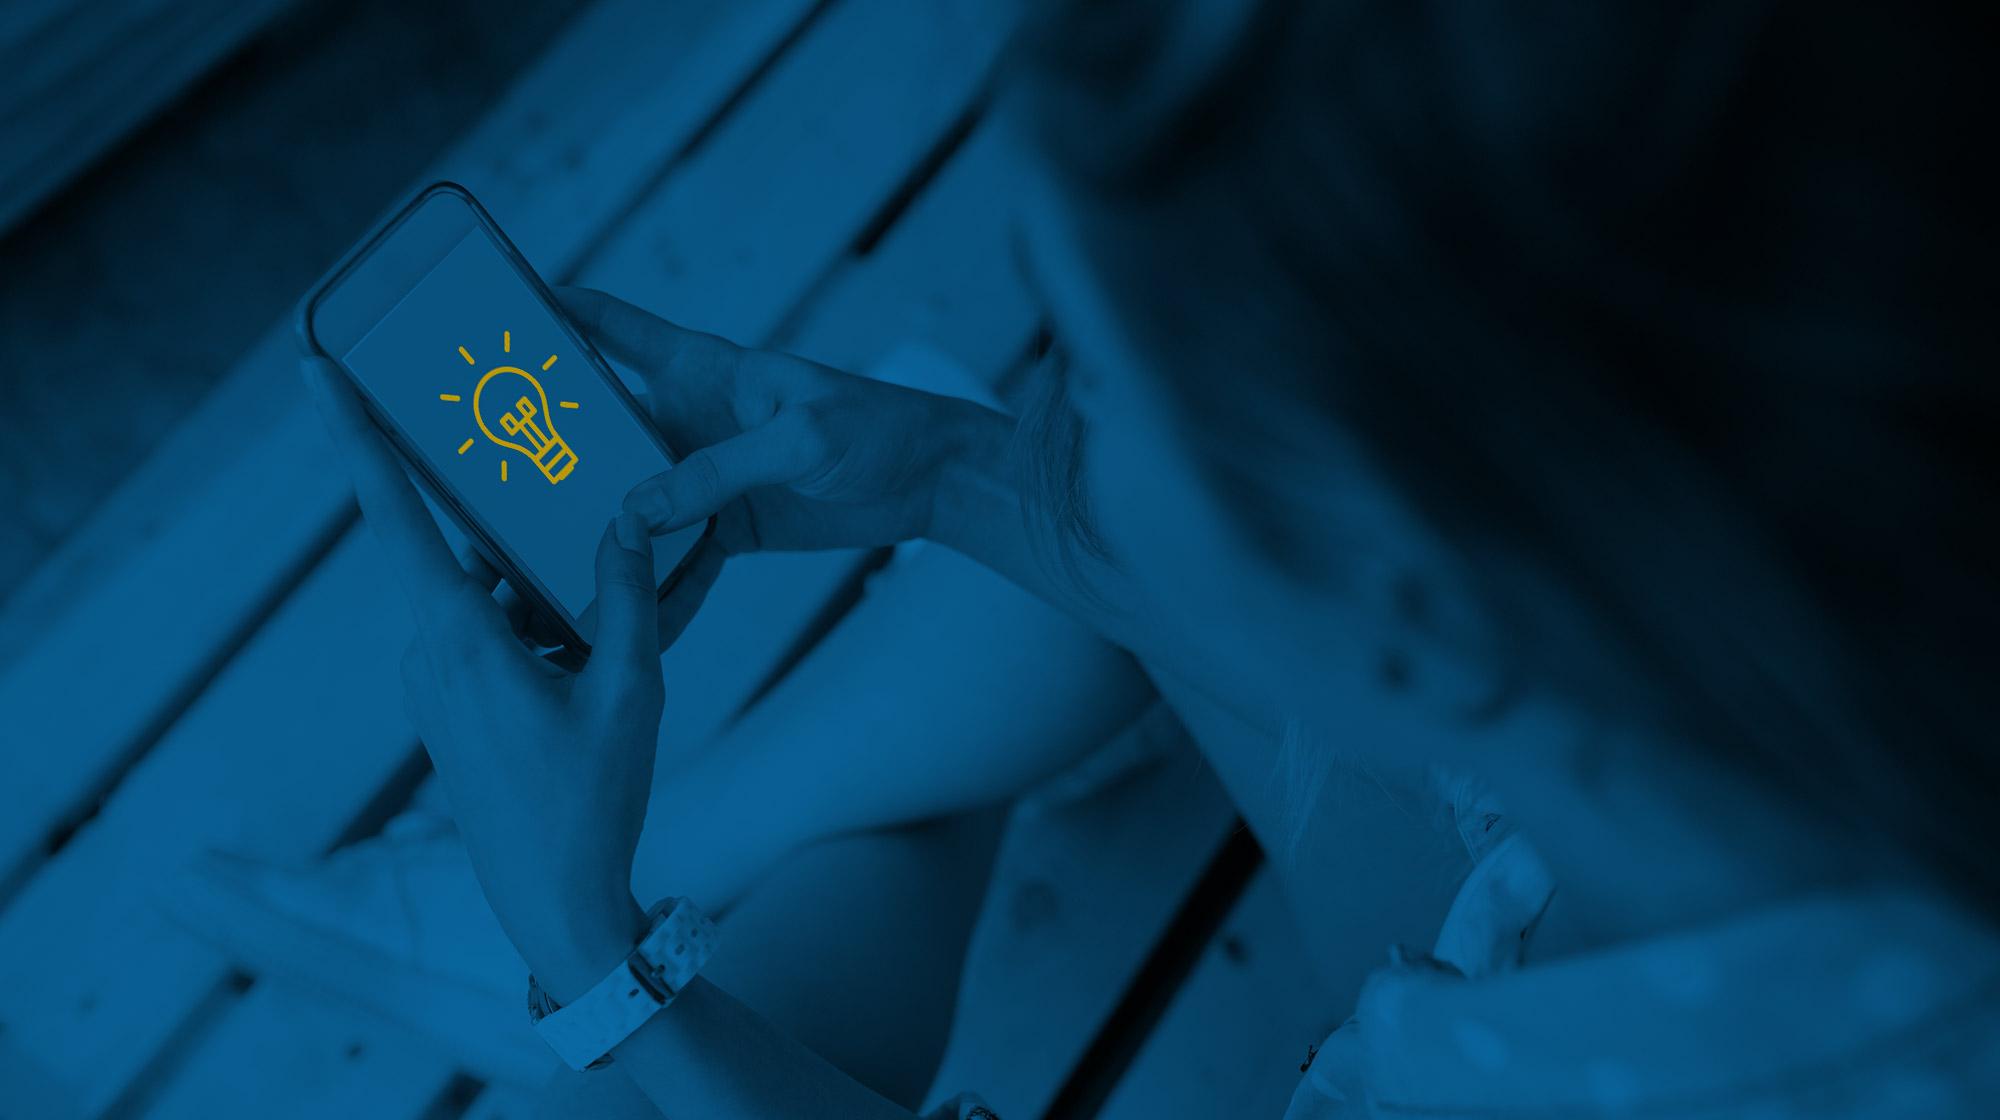 Wir sind bereit für die Digitalisierung - Ihr Unterricht lässt sich durch BAULEconnect-Produkte bestens erweitern und bereichern.